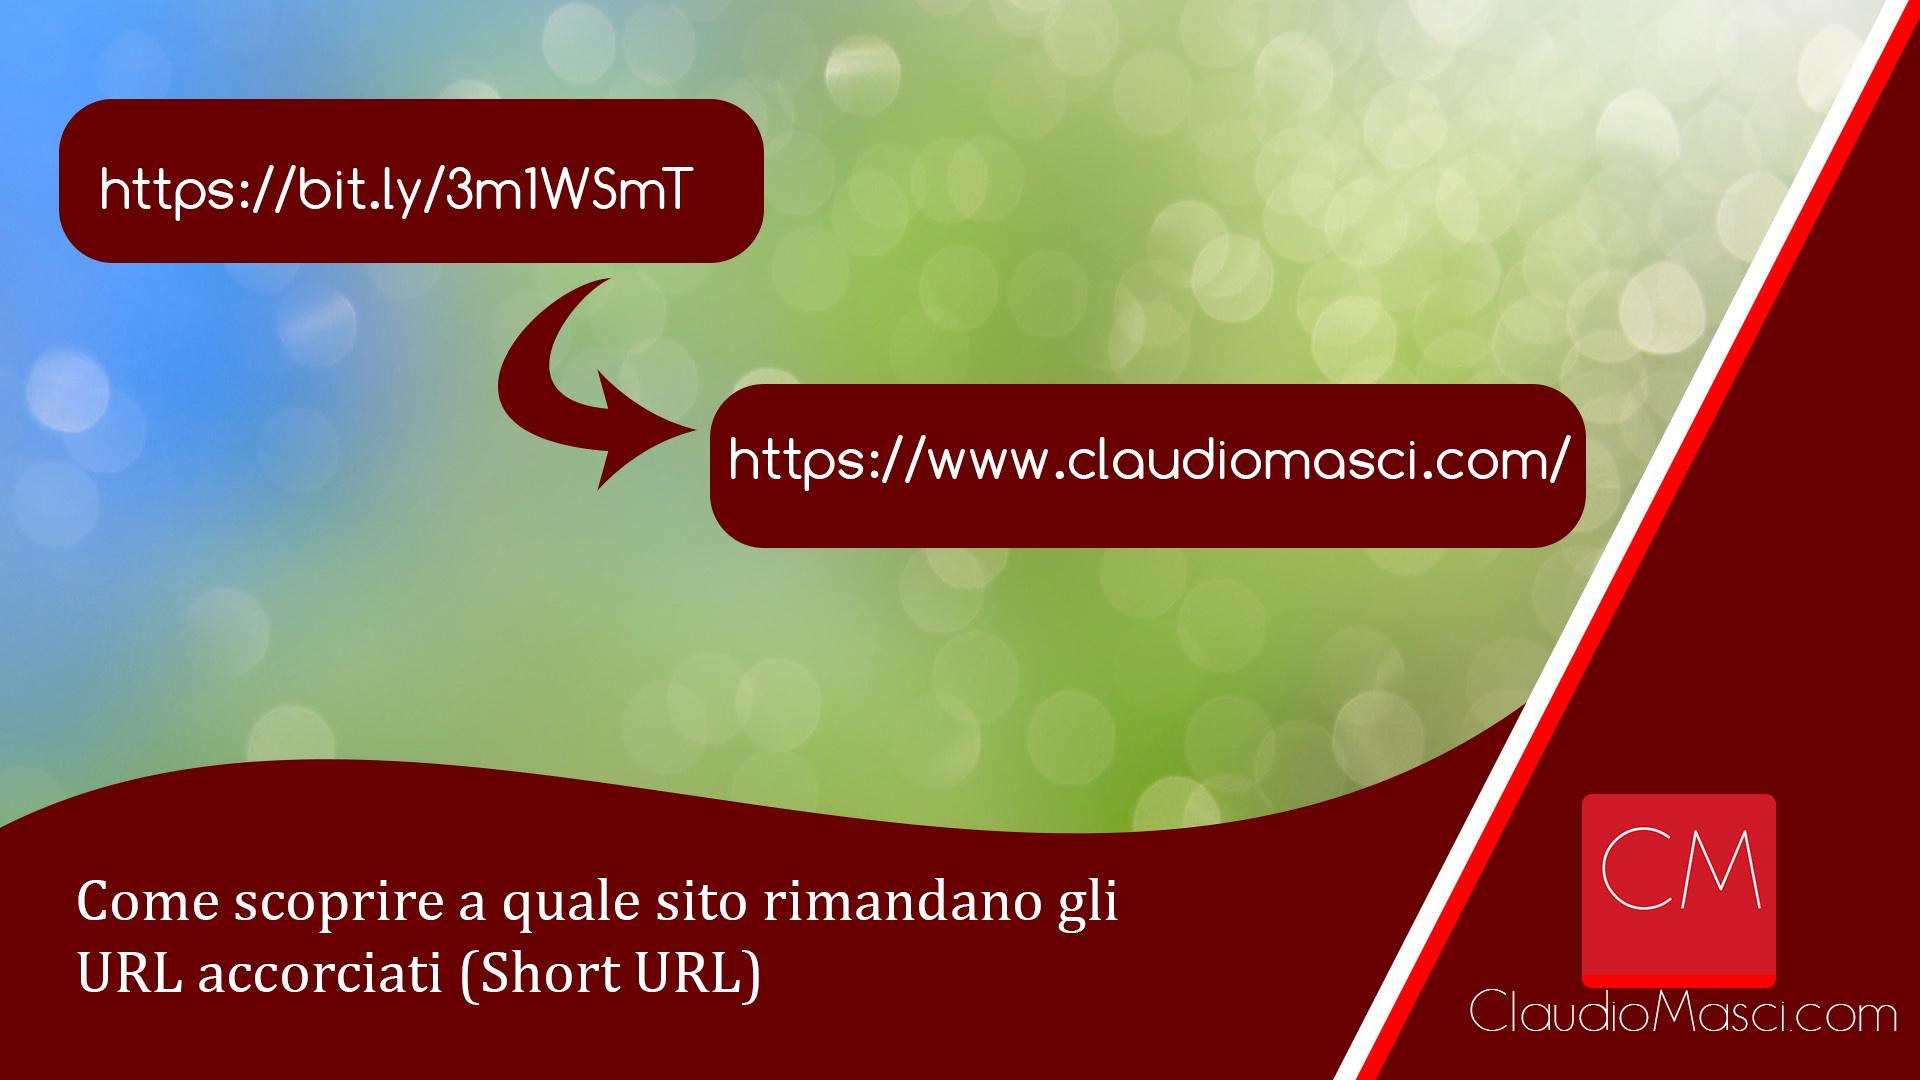 Come scoprire a quale sito rimandano gli URL accorciati